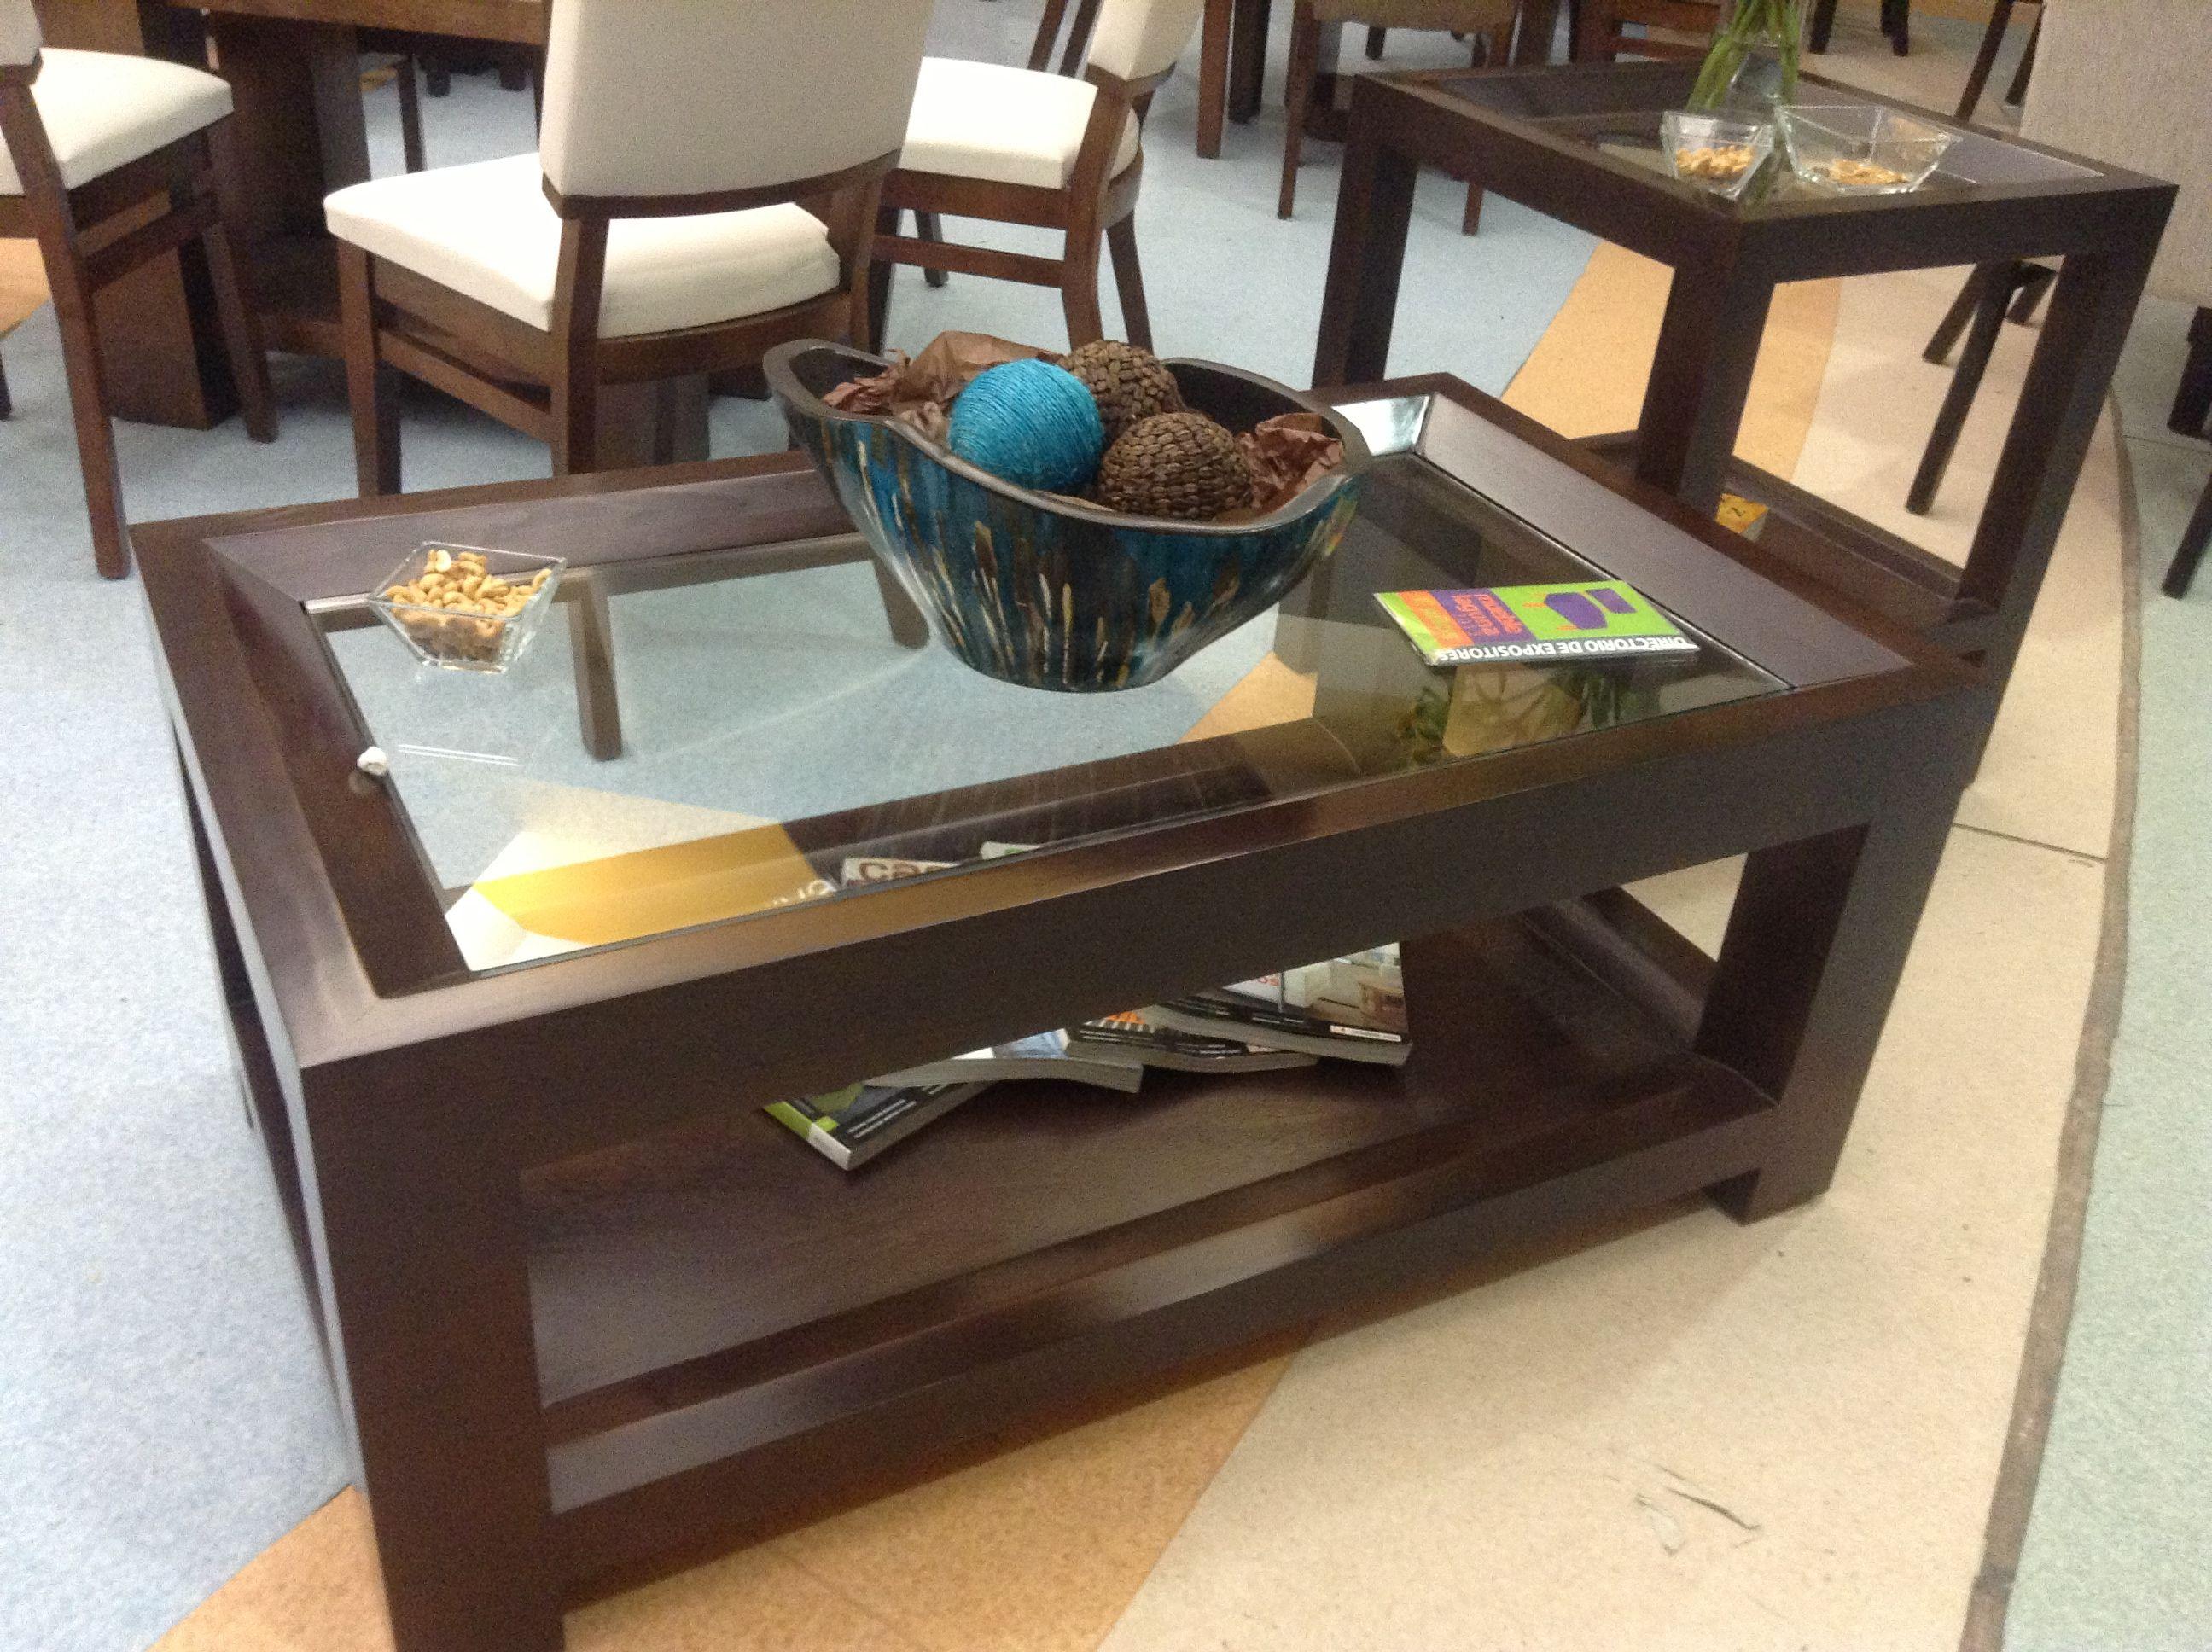 Mesa De Sala Muebles Pinterest De Salas Mesas Y Dise O De  # Muebles Coquetos